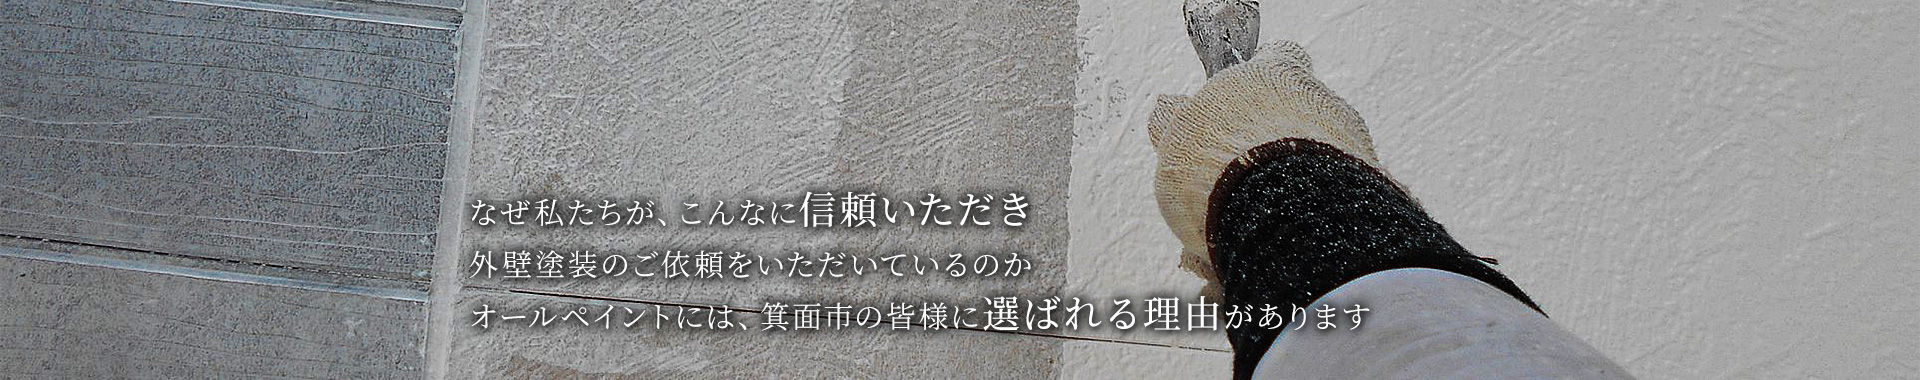 なぜ私たちが、こんなに信頼いただき外壁塗装のご依頼をいただいているのかオールペイントには、箕面市の皆様に選ばれる理由があります